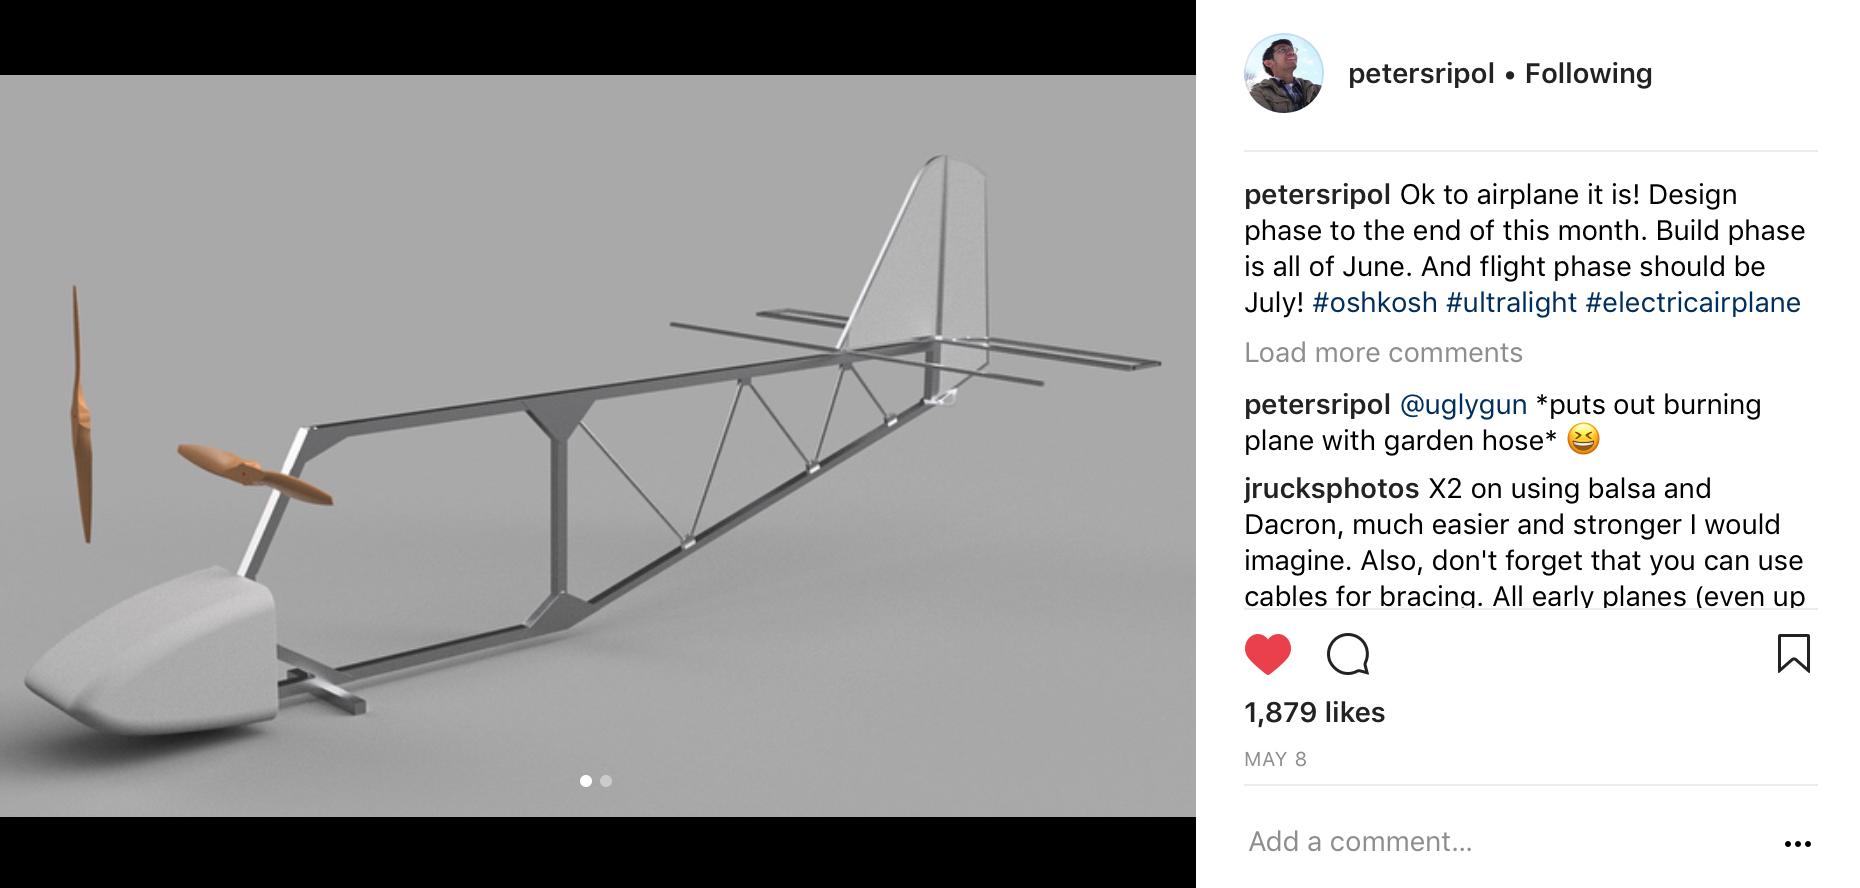 Peter Sripol's New DIY Ultralight | Flite Test